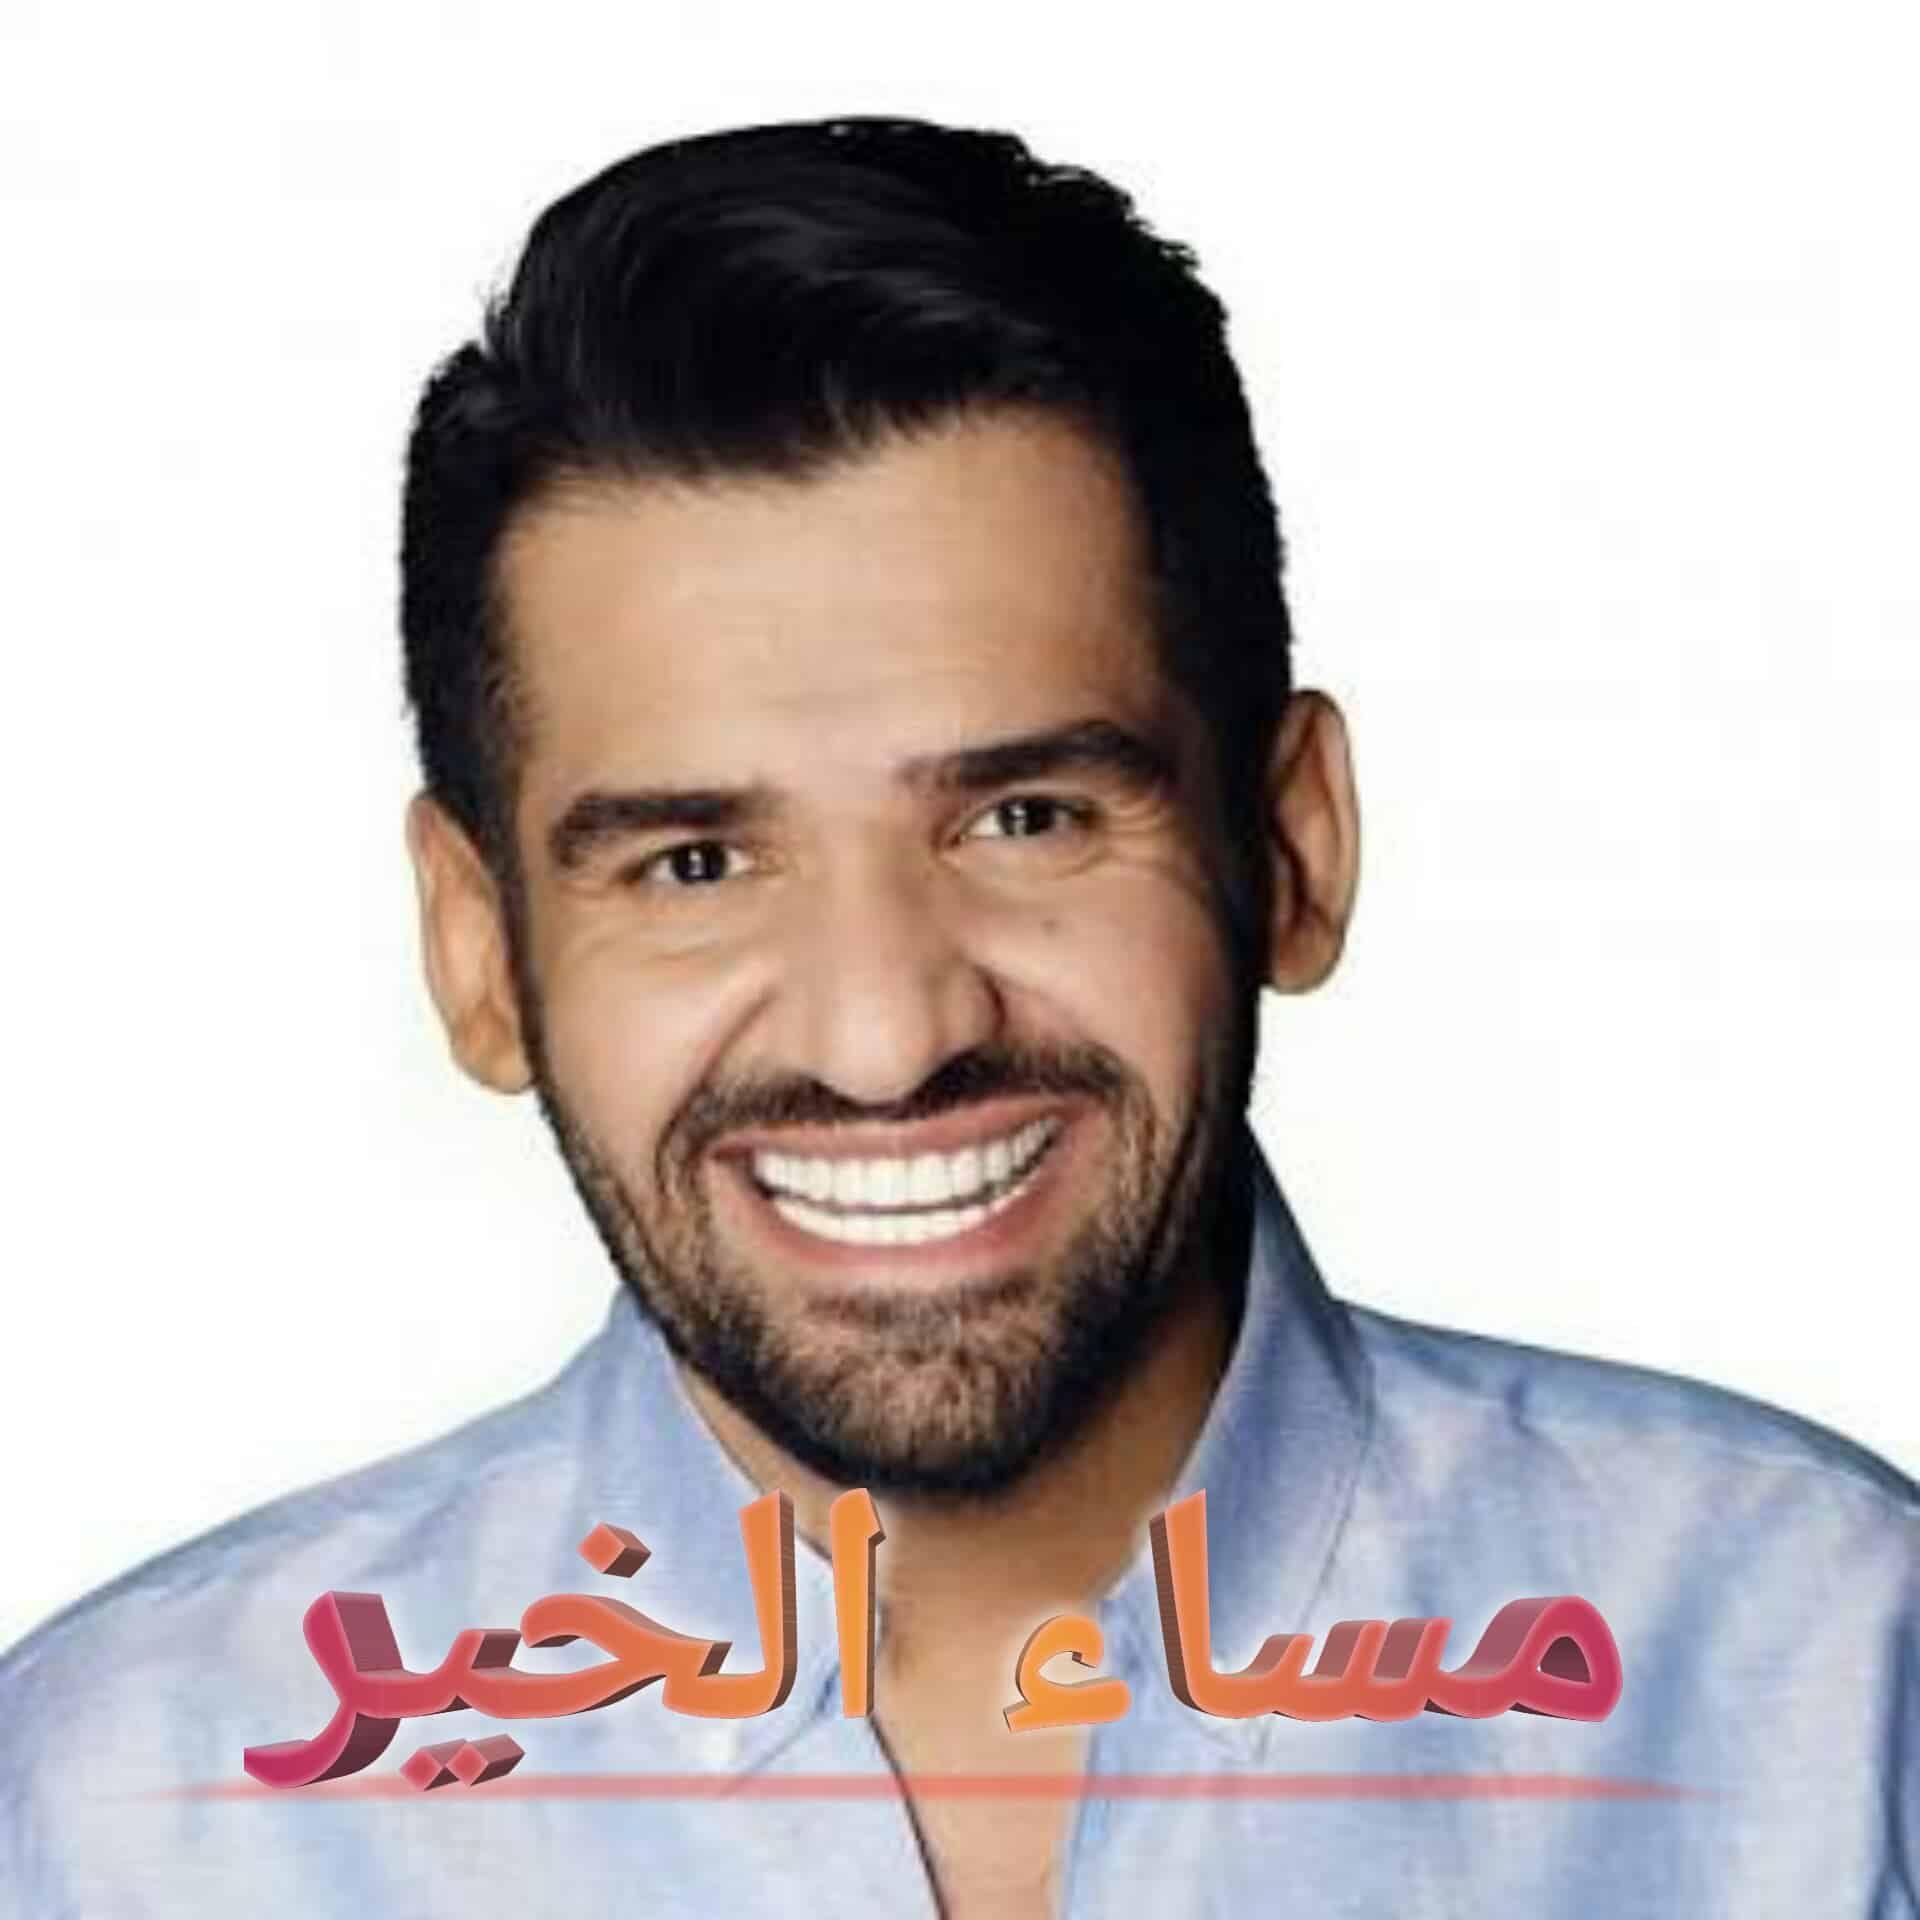 كلمات أغنية مساء الخير لــ حسين الجسمي بعد النجاح التي حققتة بشرة خير Egypt Thumbs Up